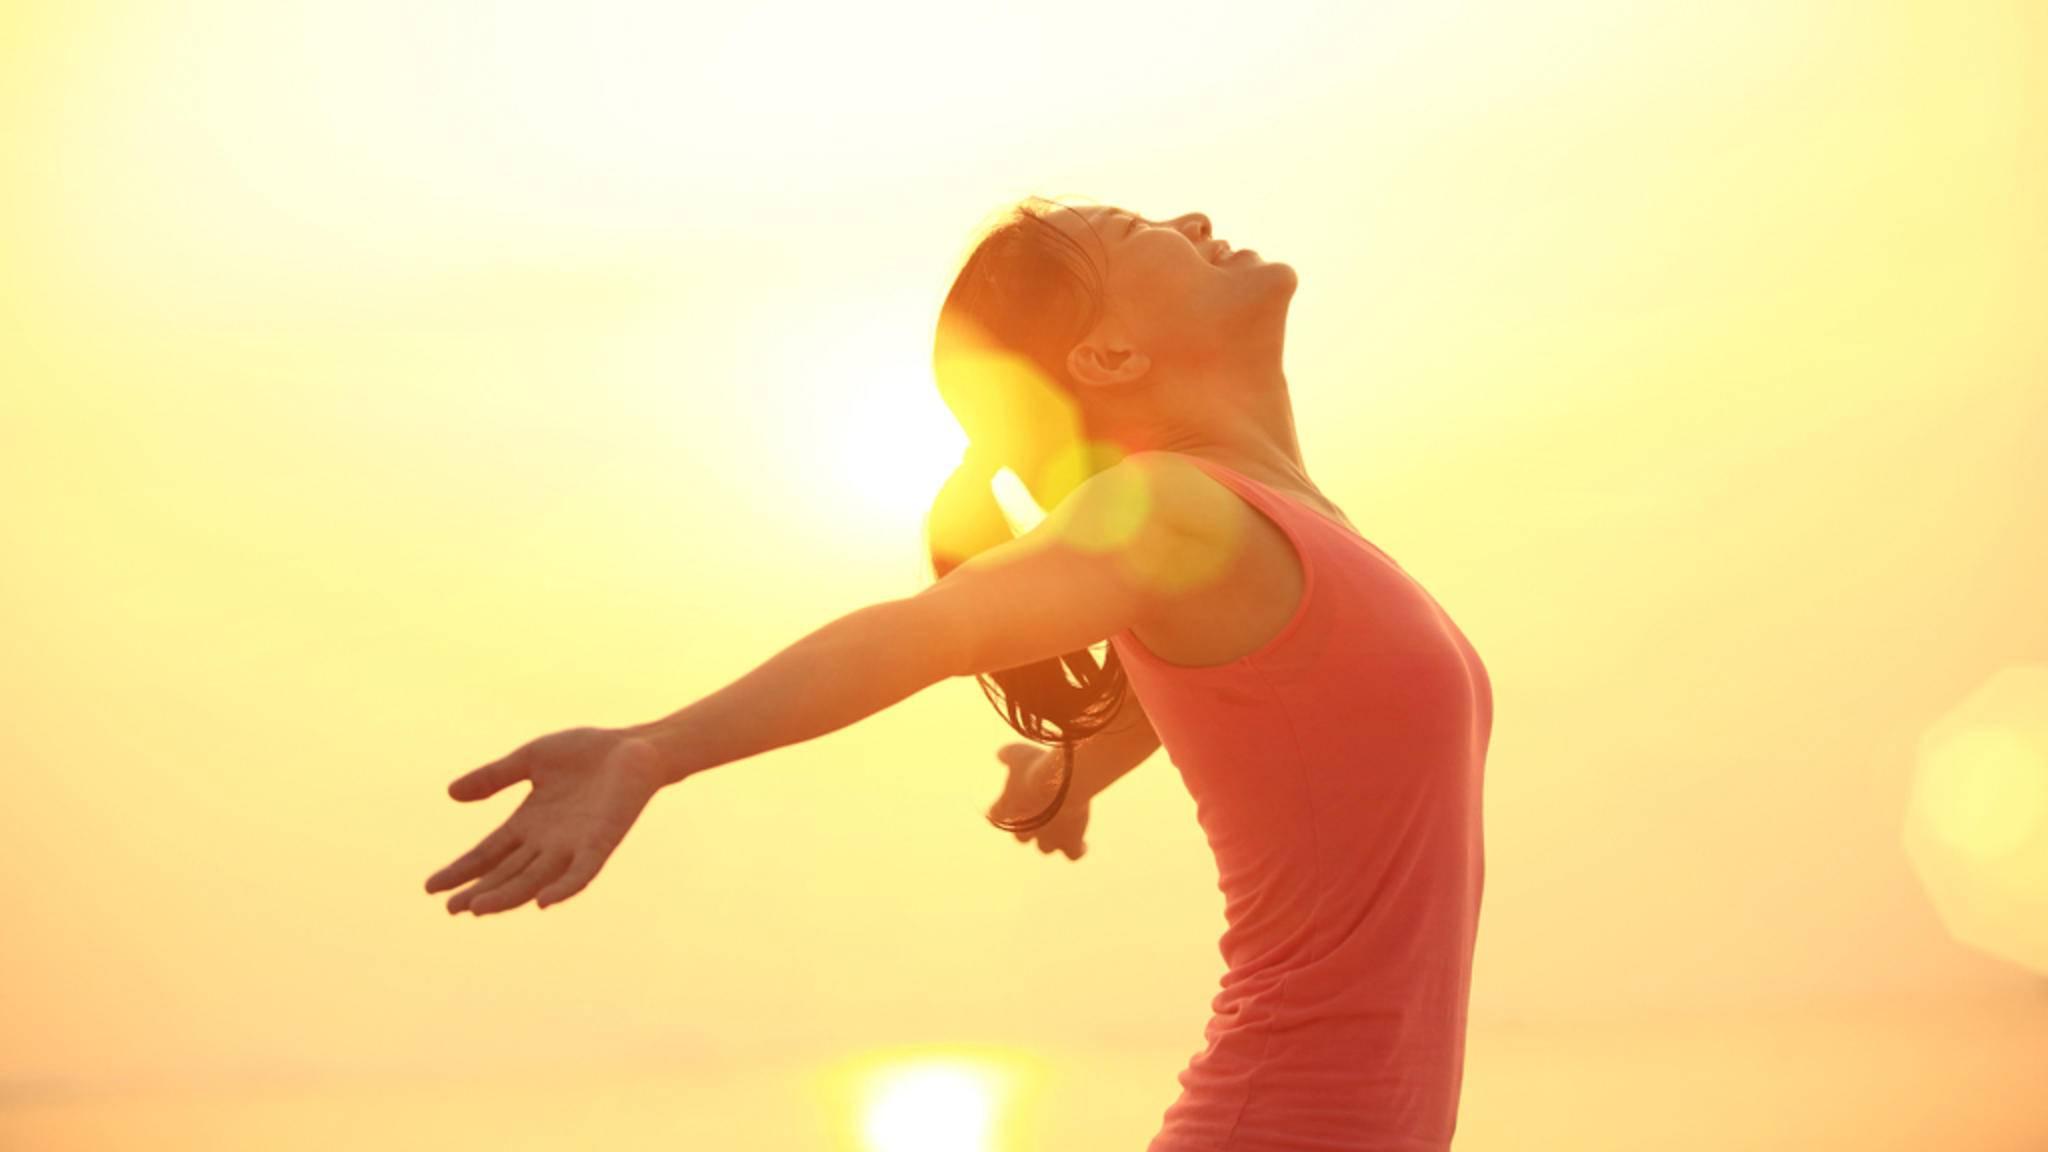 Wer mit Frühsport in den Tag startet, fühlt sich ausgeglichener und wacher.